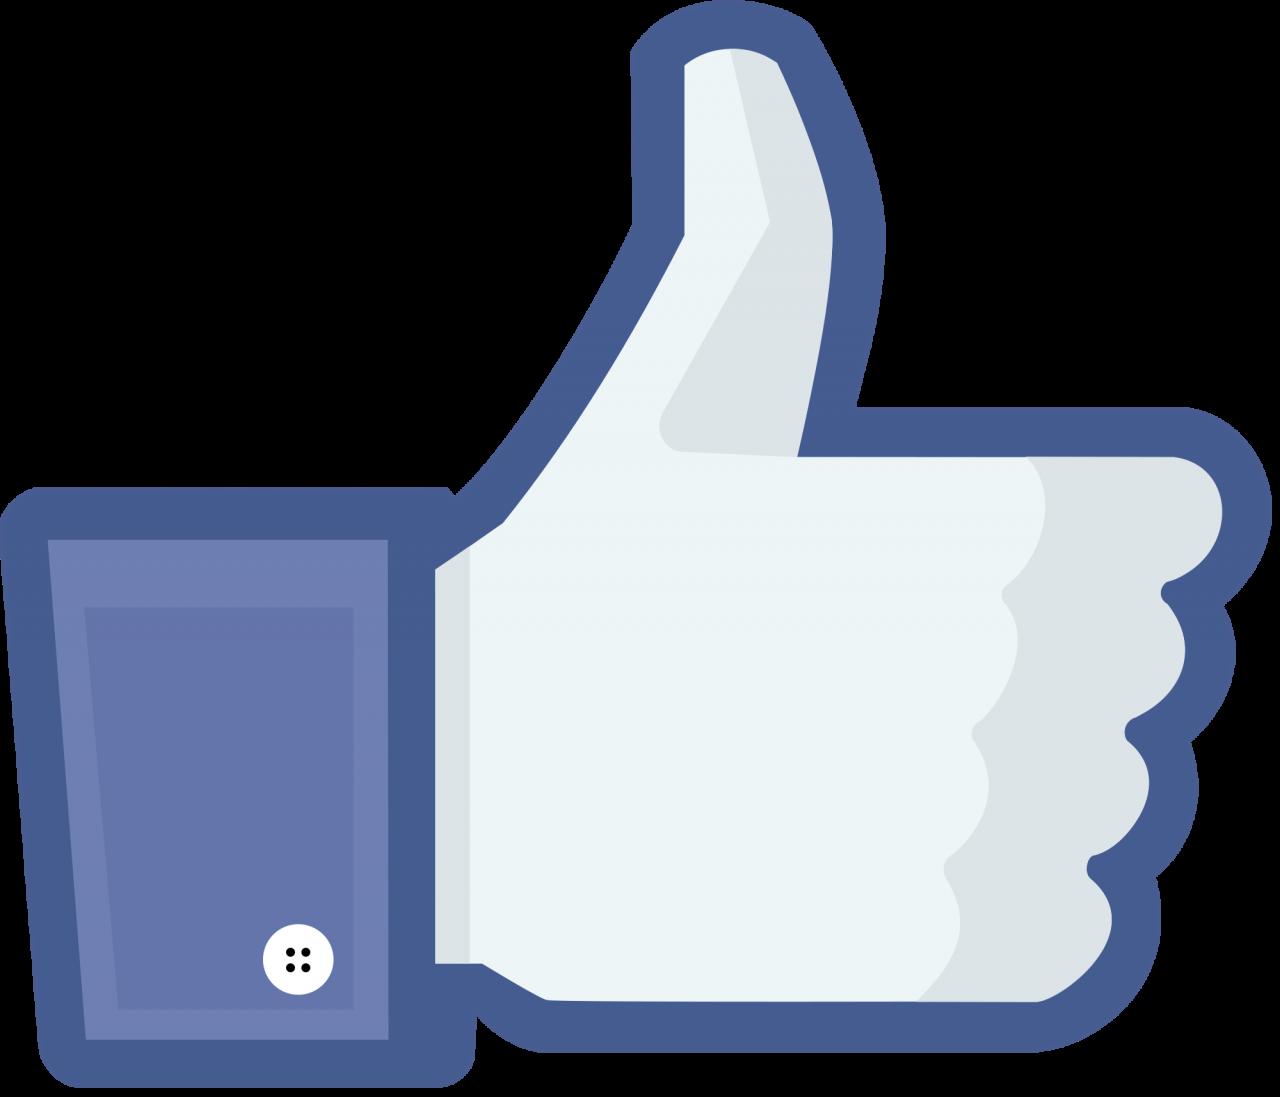 Facebook Like modern PNG Image